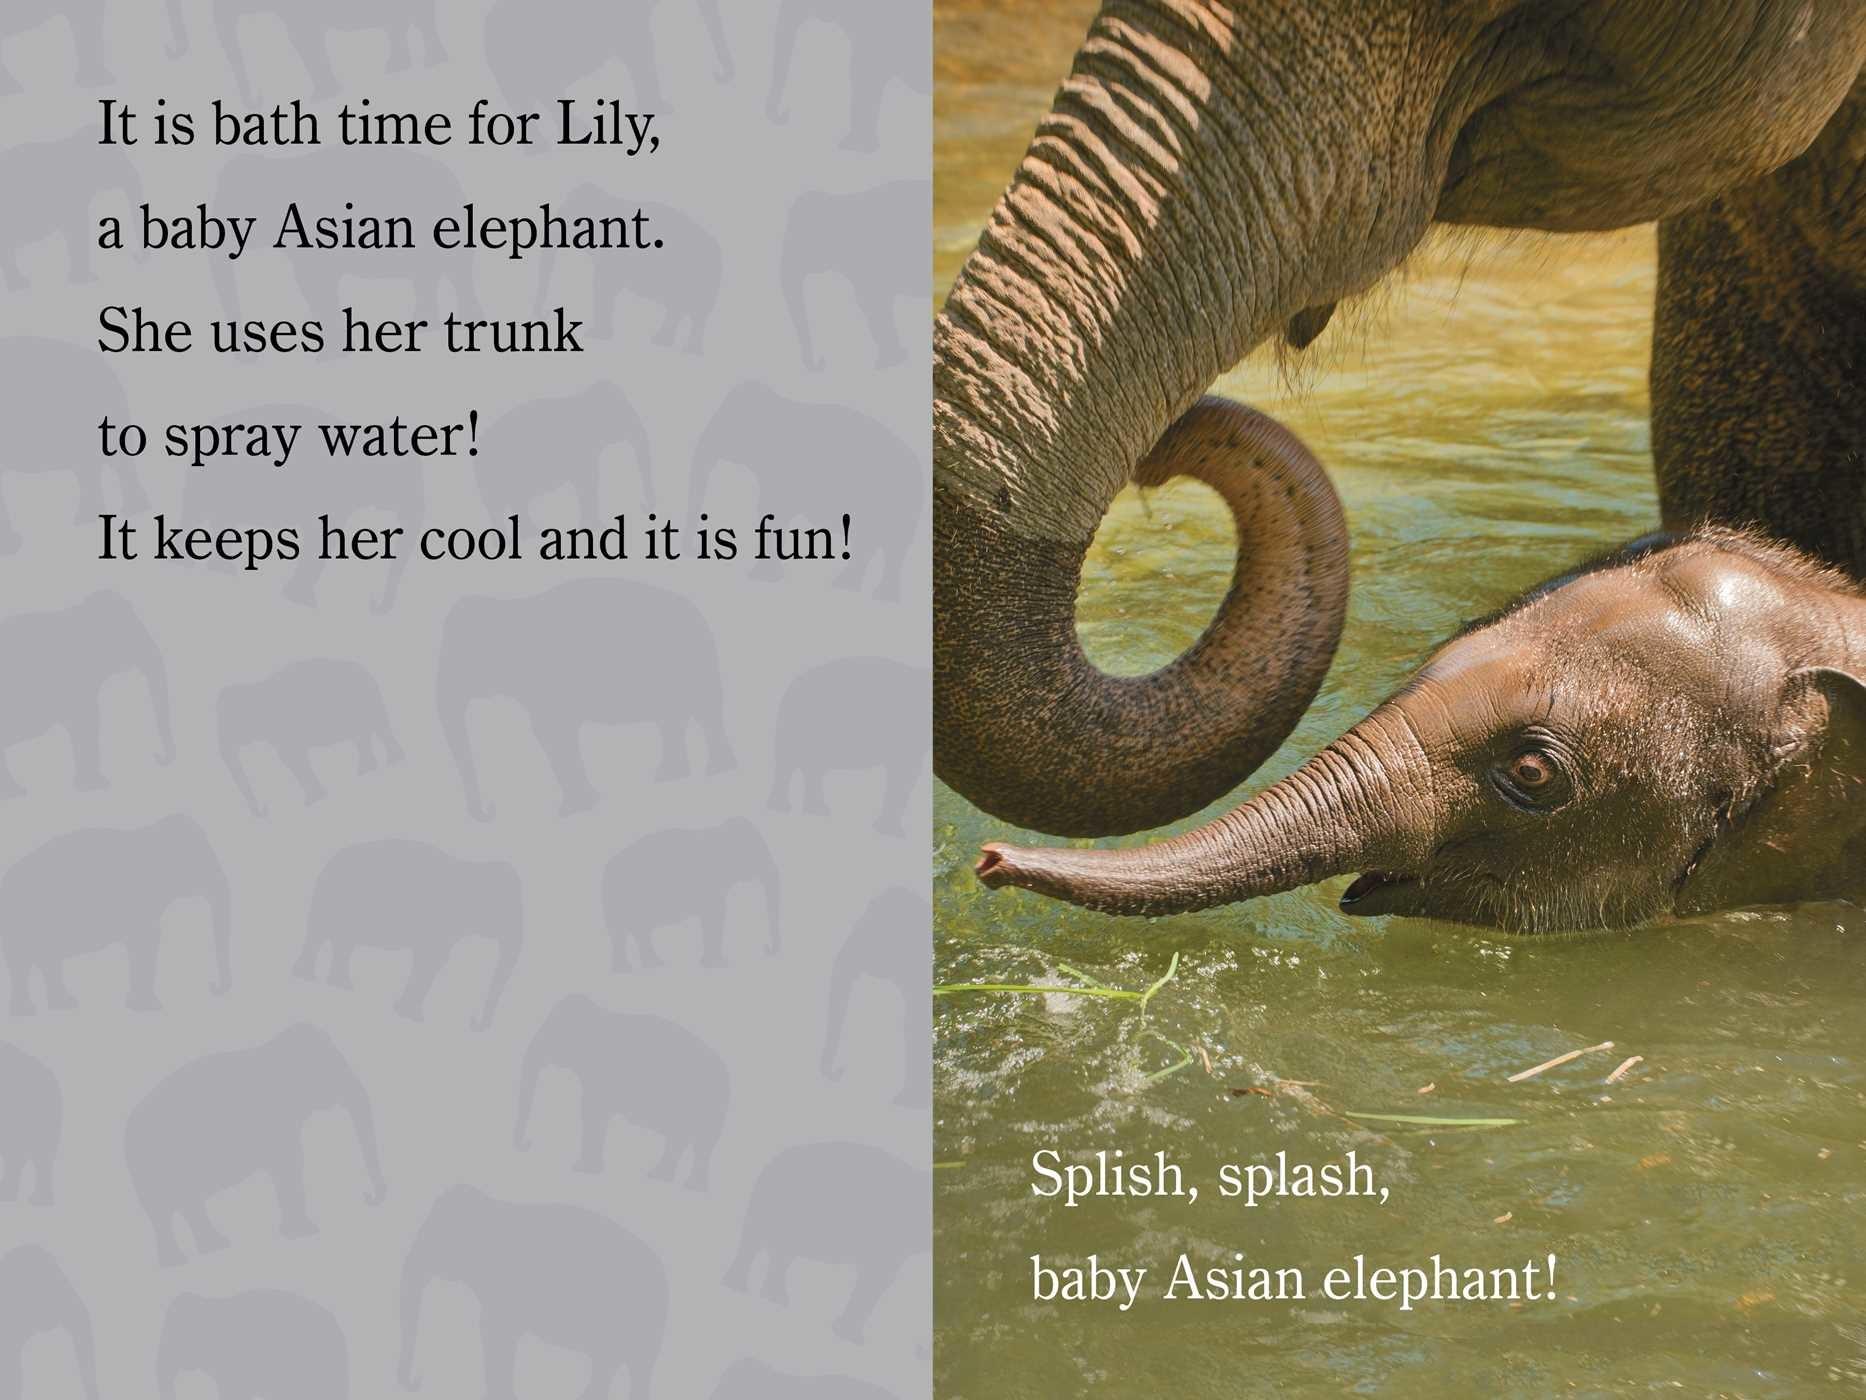 Splish splash zooborns 9781481430975.in03